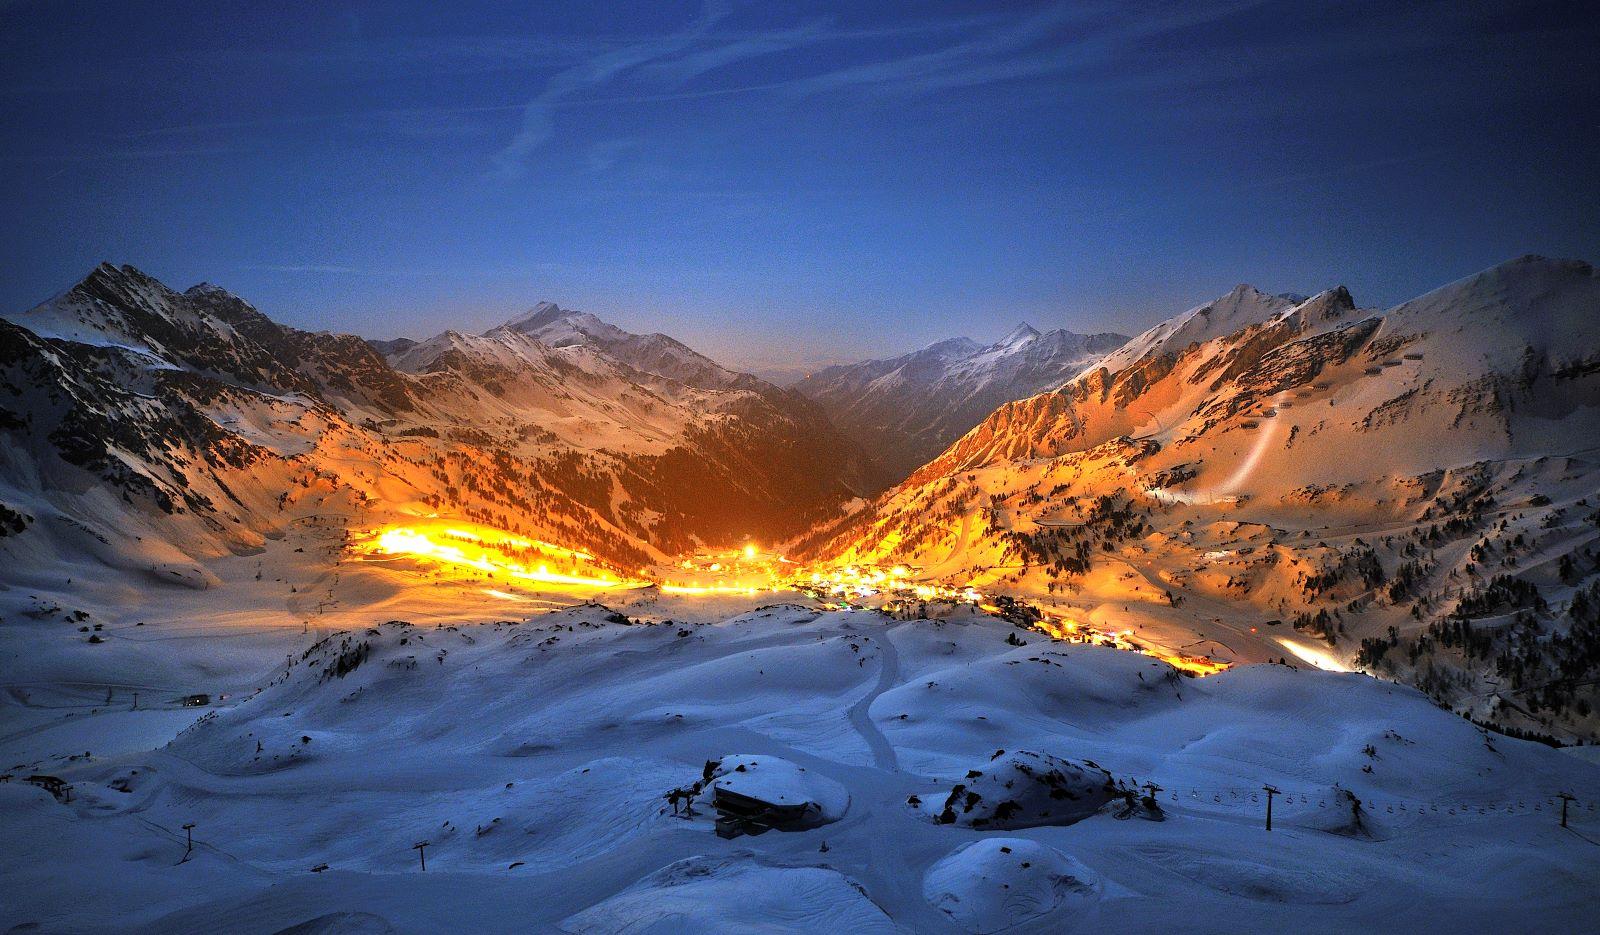 Obertauern avondskiën dorp © Tourismusverband Obertauern